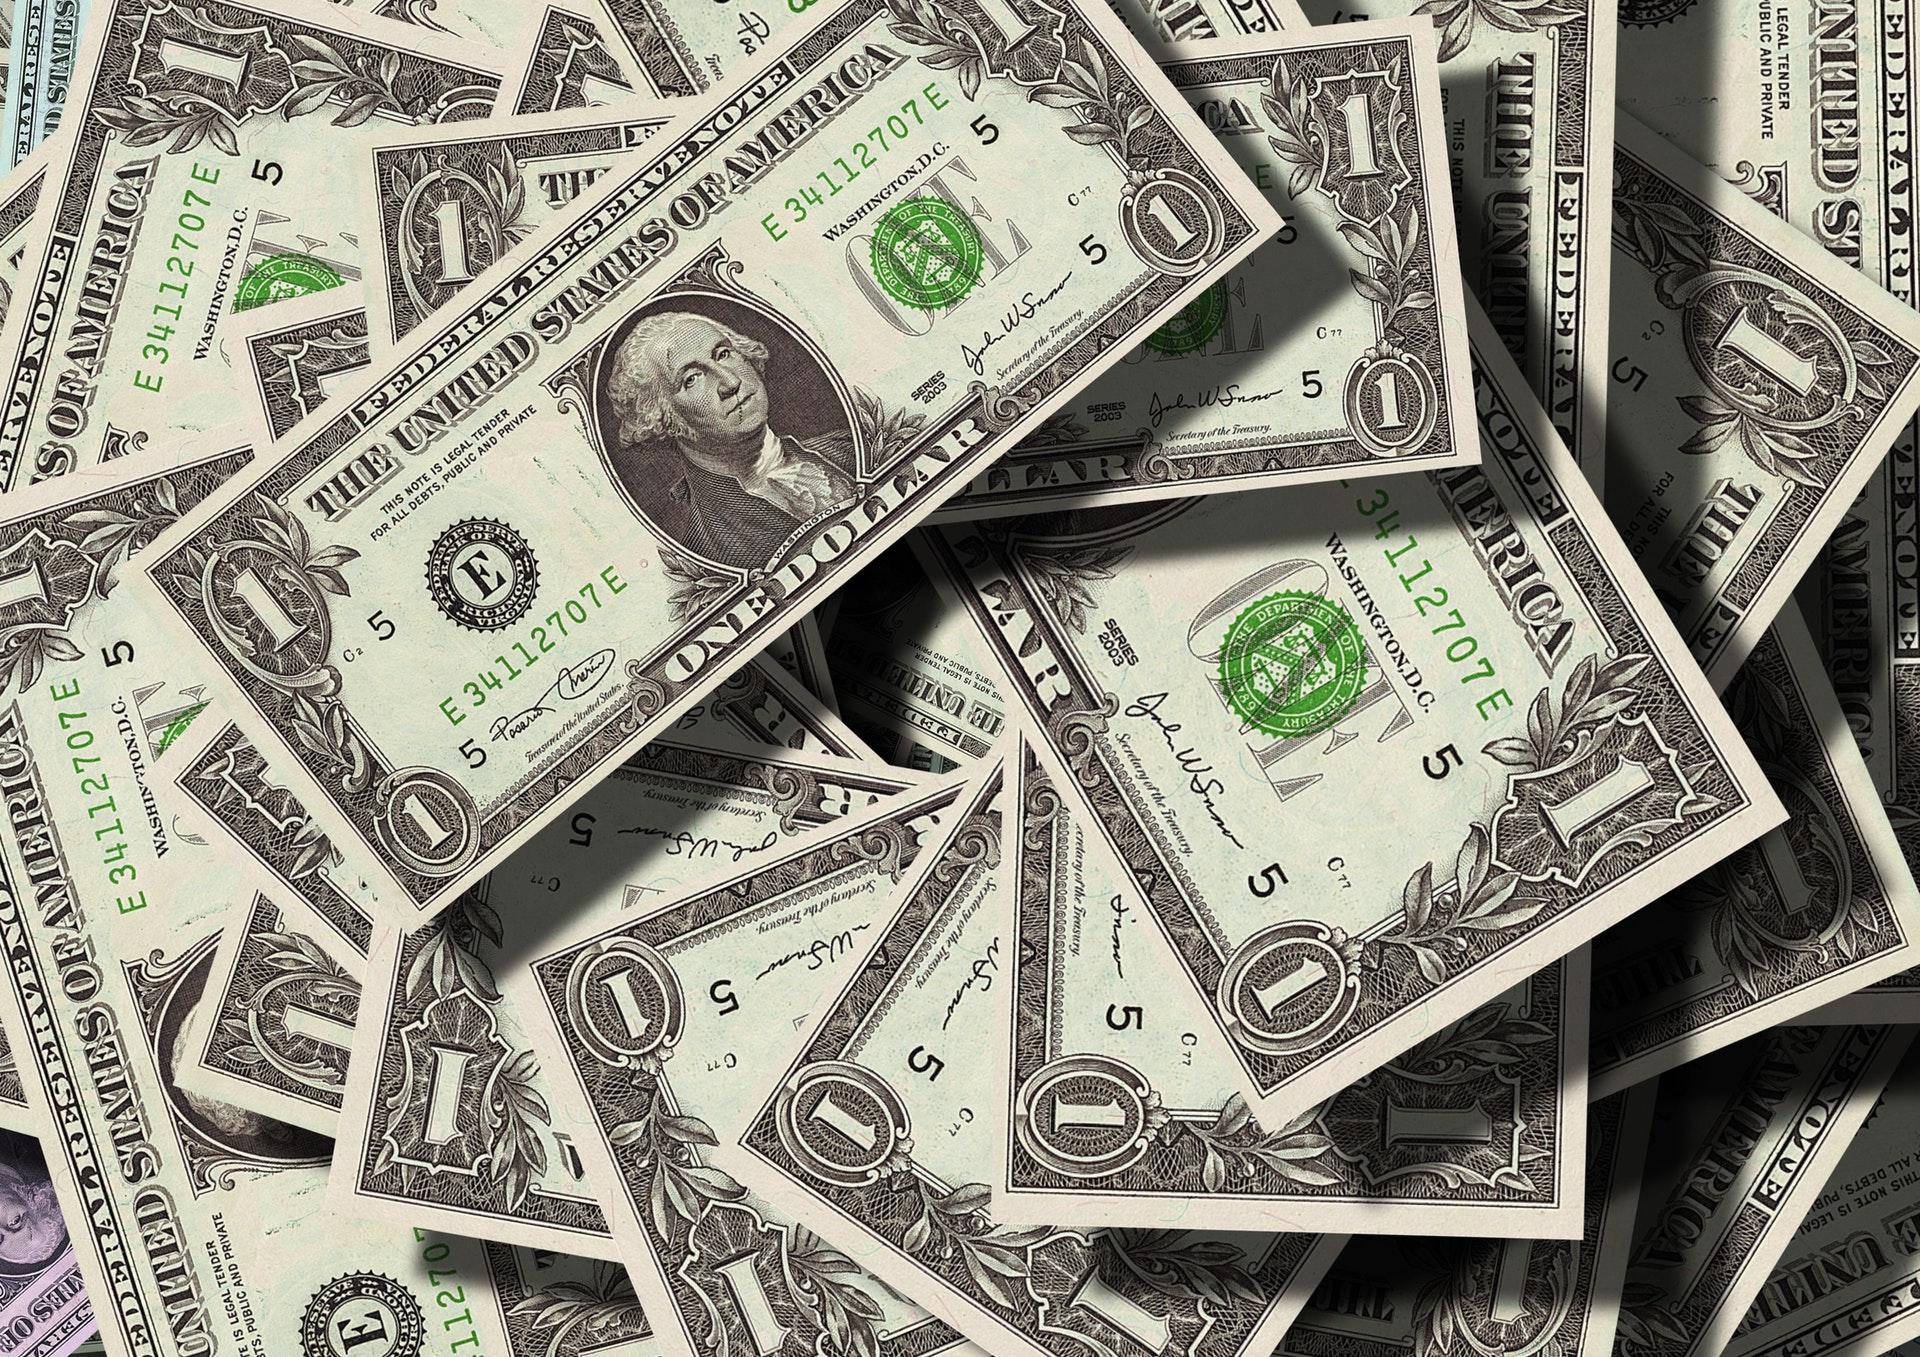 【外貨建てMMF】いつの間にドル建てMMFの金利が1%を超えている。